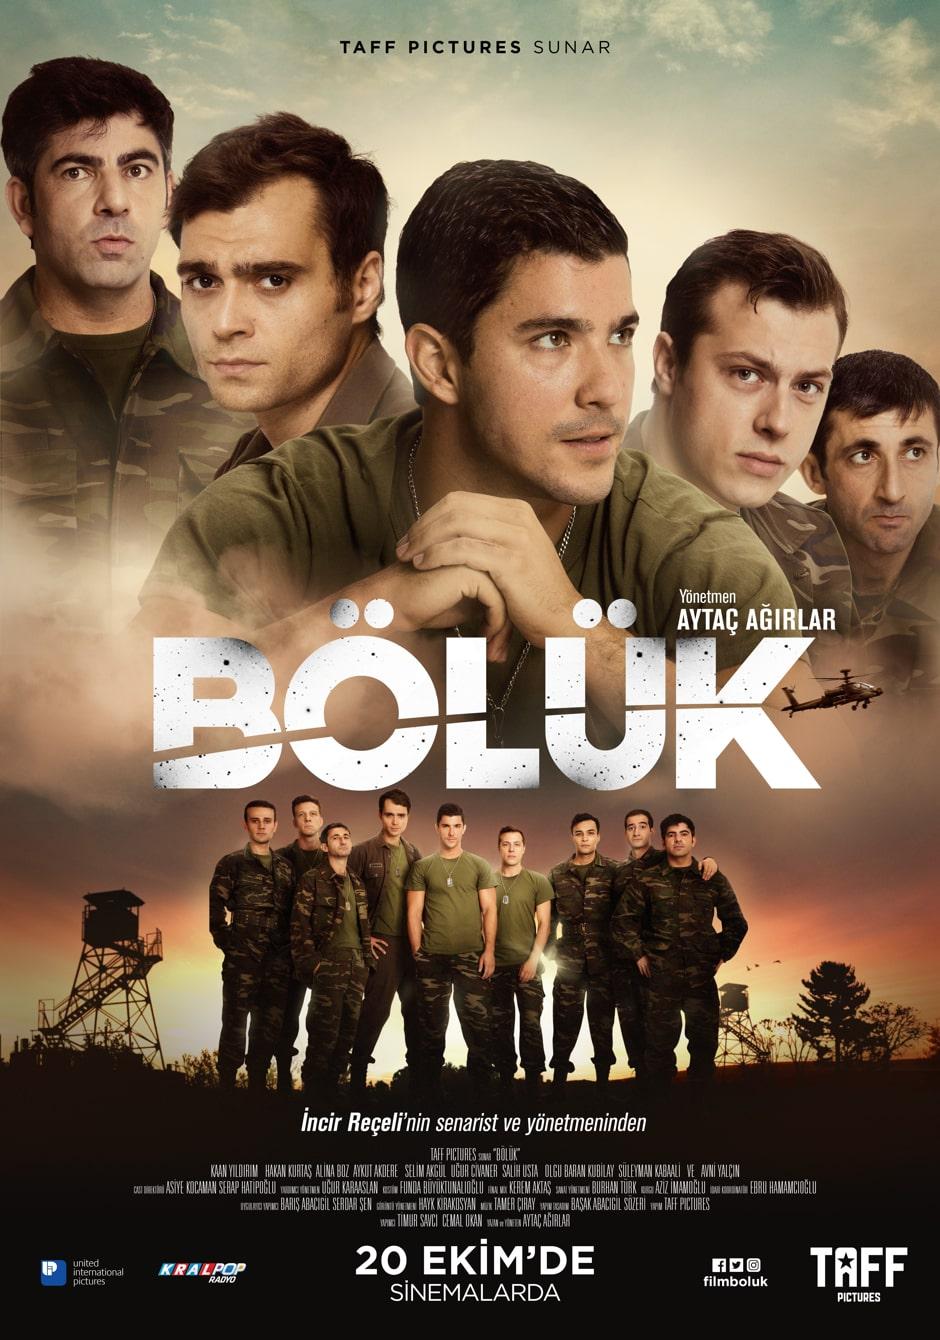 BOLUK Copy-min